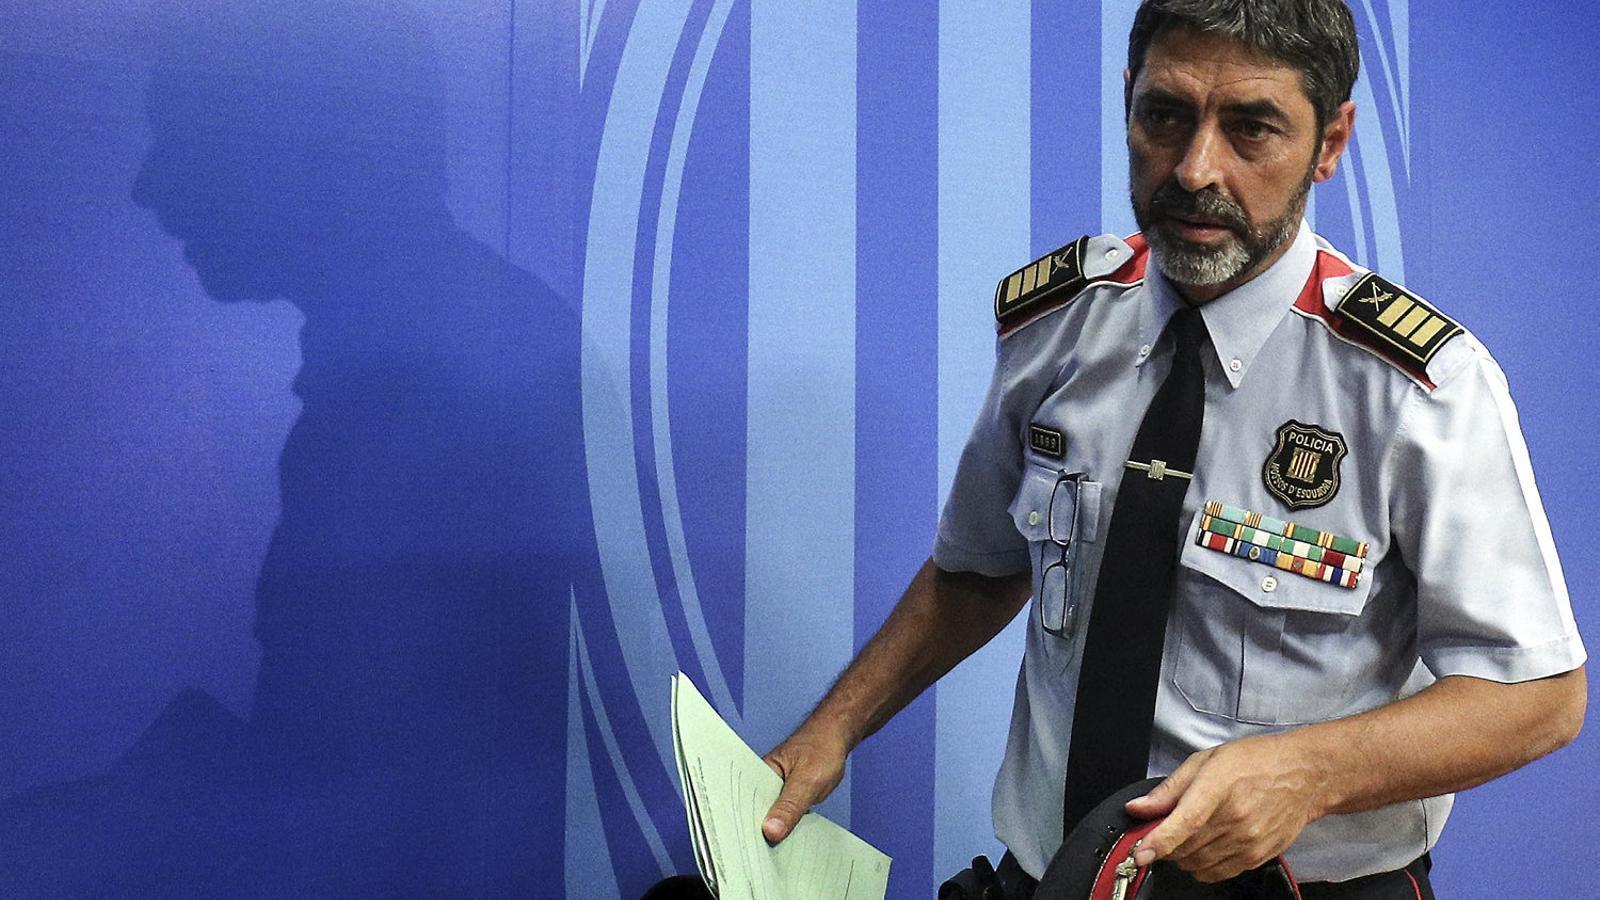 L'Audiència Nacional confirma el processament de Trapero per sedició i organització criminal